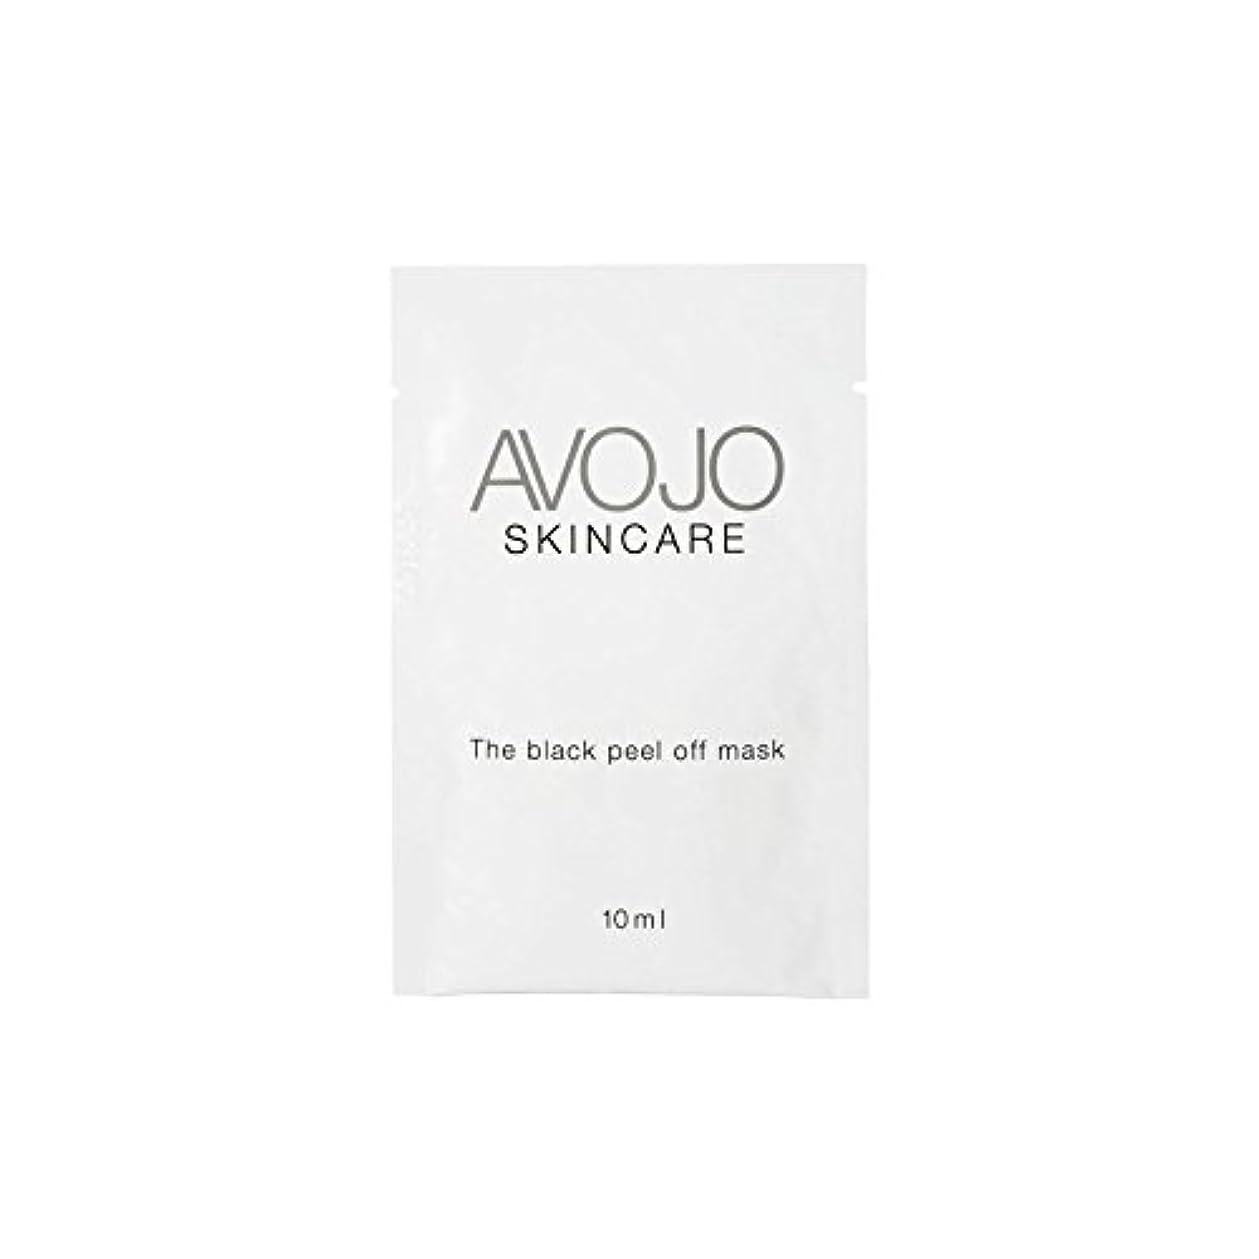 形状悲しみ動脈- ブラックピールオフマスク - 小袋(10ミリリットル×4) x4 - Avojo - The Black Peel Off Mask - Sachet (10ml X 4) (Pack of 4) [並行輸入品]